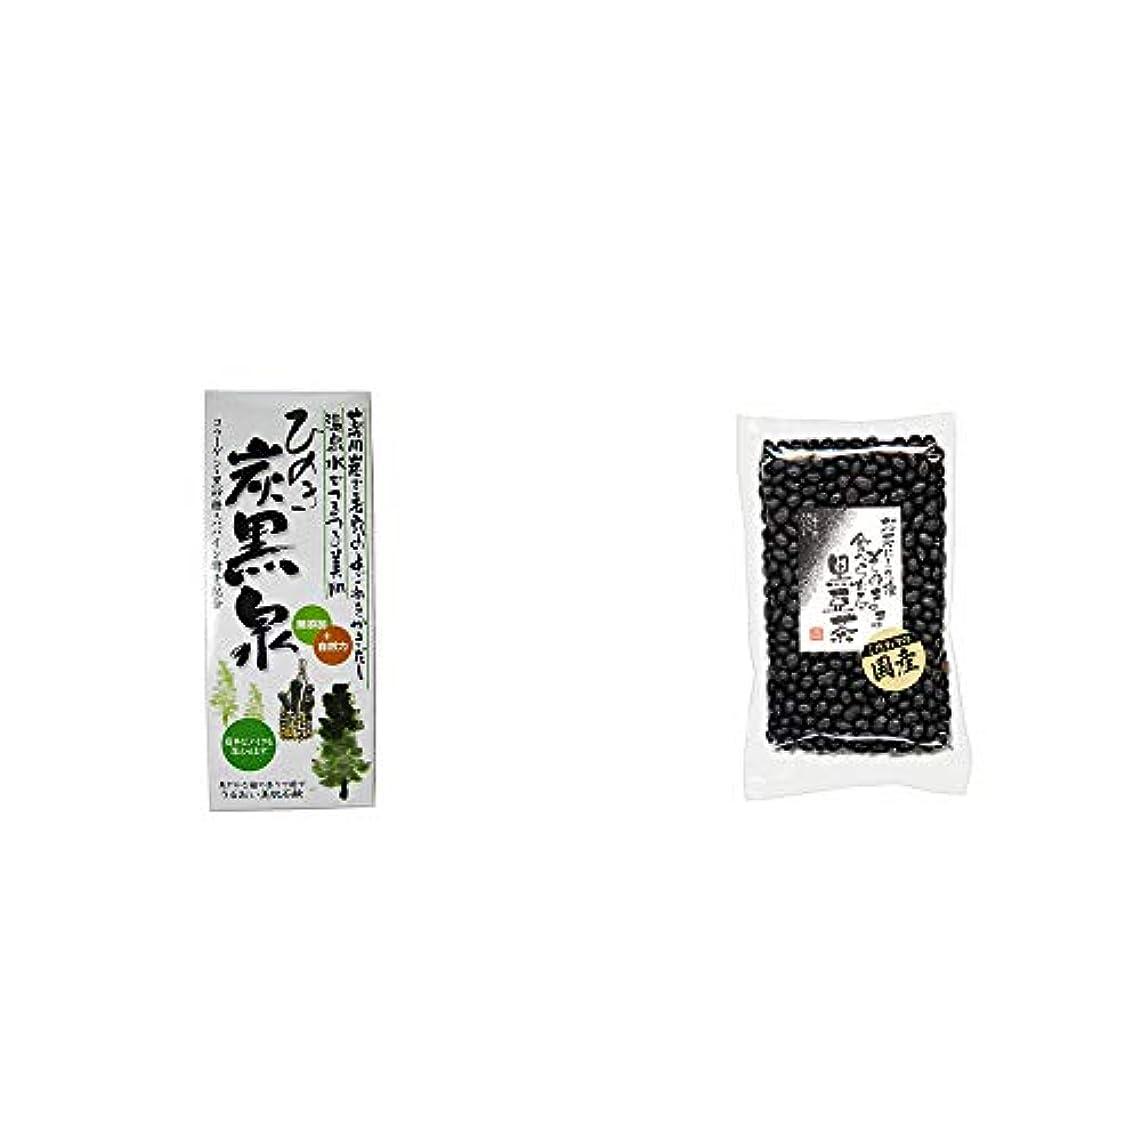 脈拍分対話[2点セット] ひのき炭黒泉 箱入り(75g×3)?国産 黒豆茶(200g)